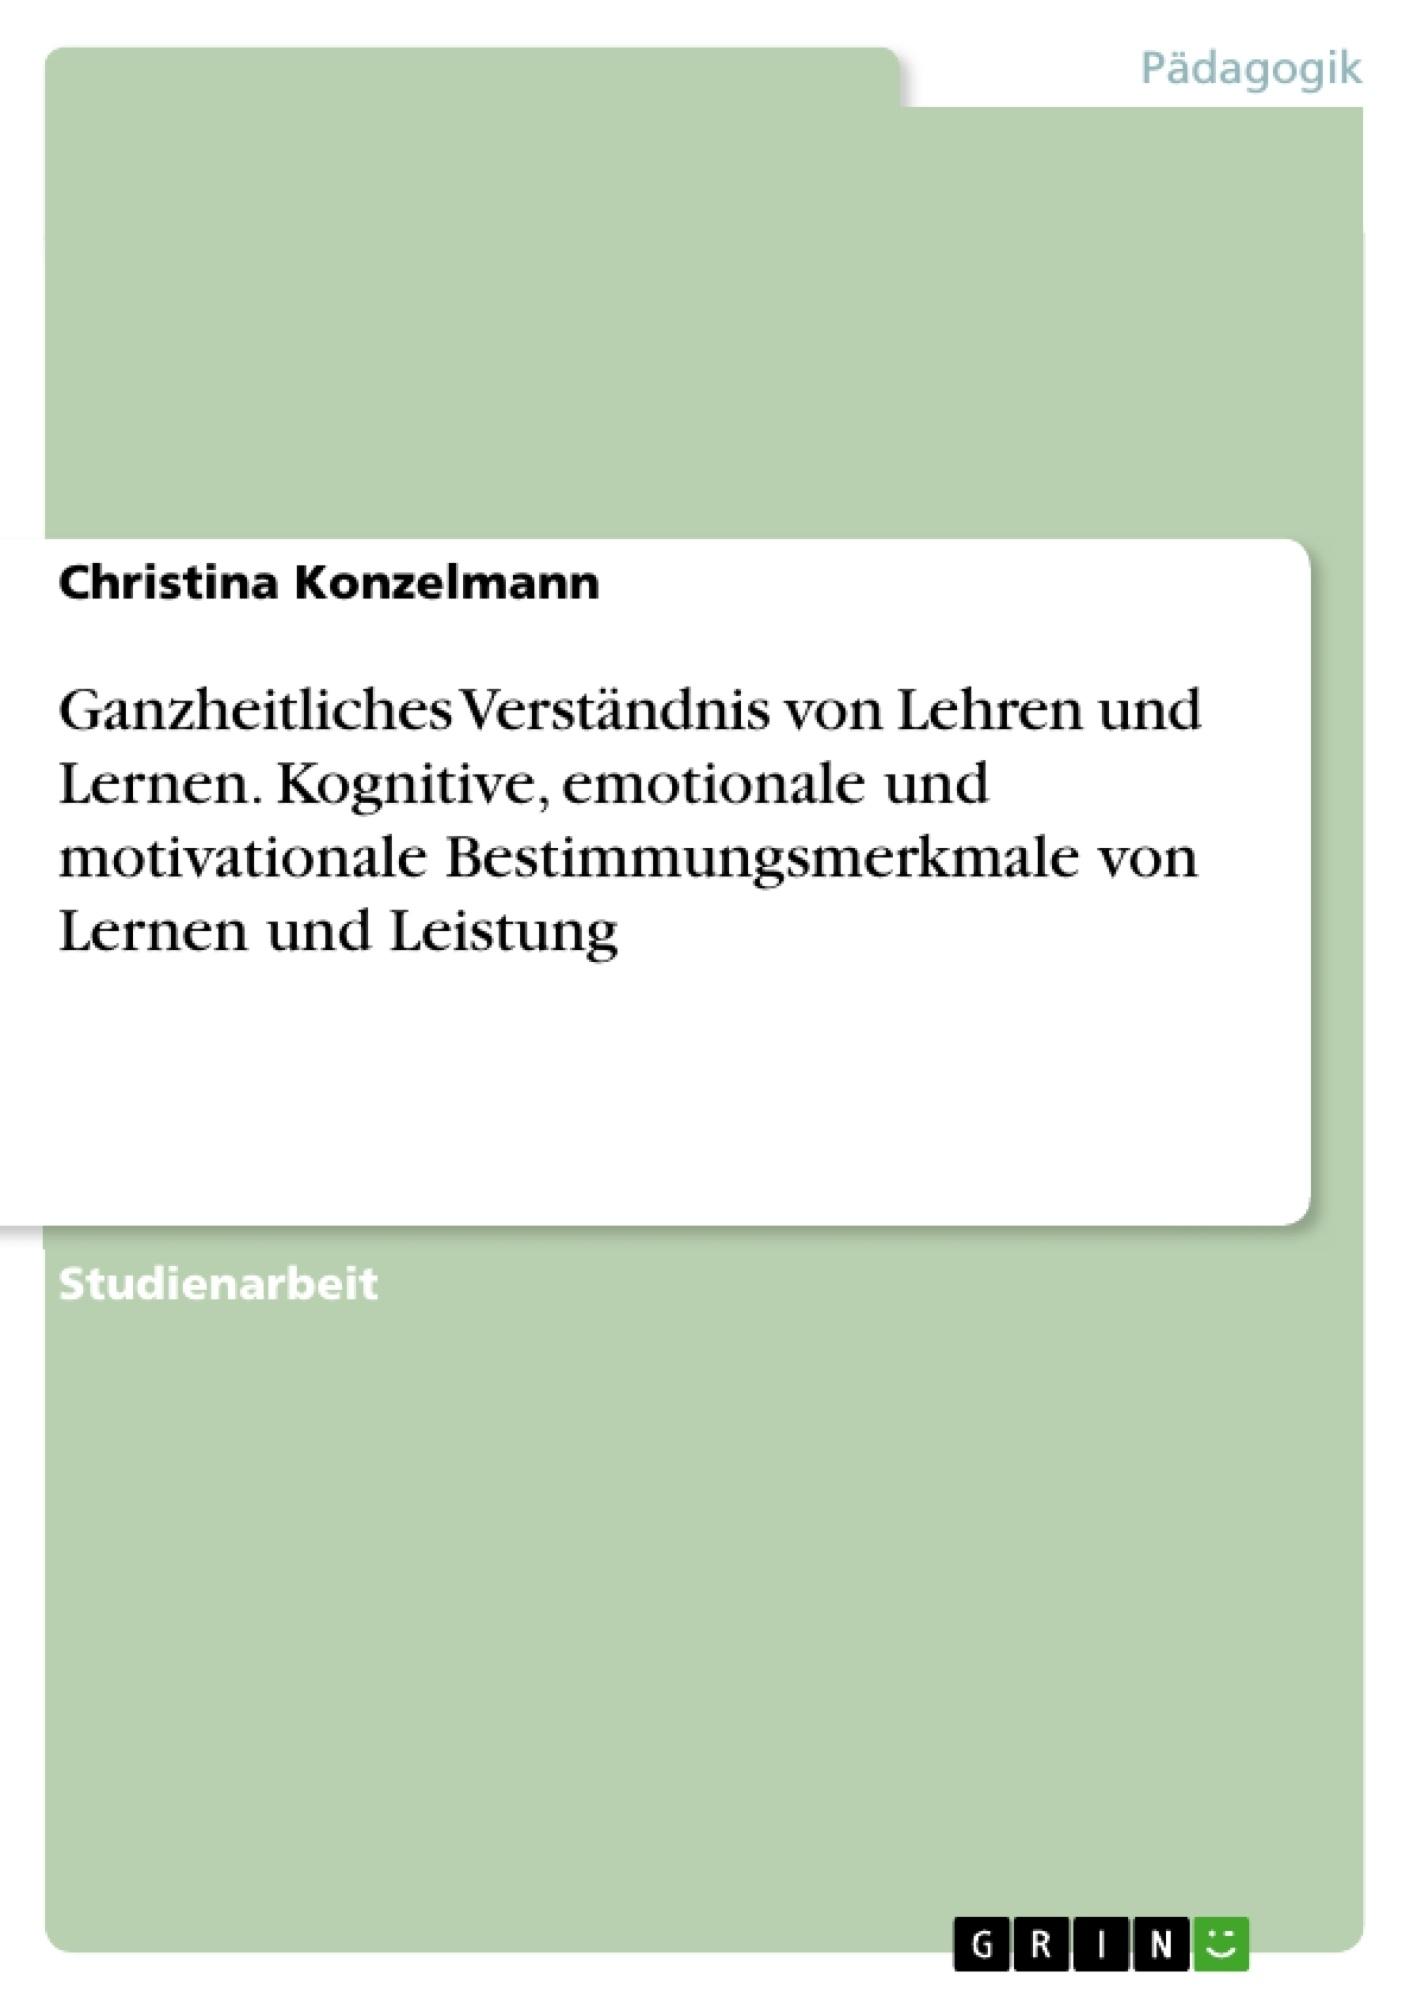 Titel: Ganzheitliches Verständnis von Lehren und Lernen. Kognitive, emotionale und motivationale Bestimmungsmerkmale von Lernen und Leistung